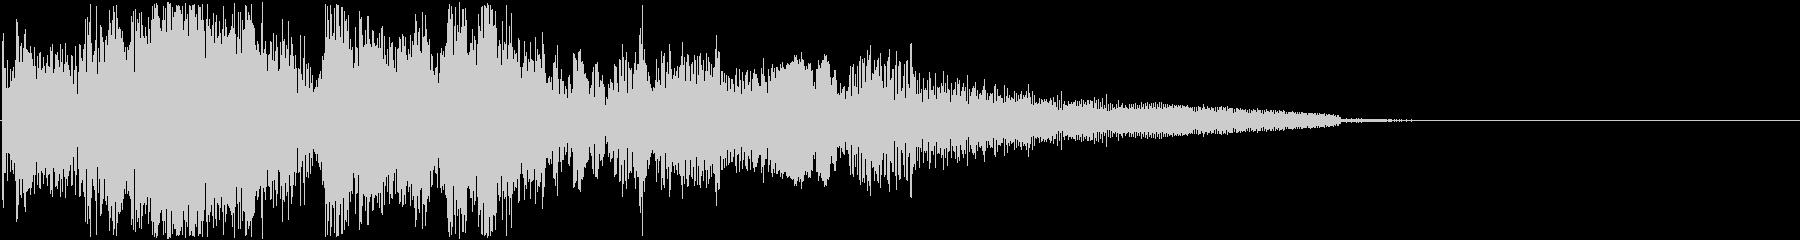 スリーショットピストルリコシェットの未再生の波形